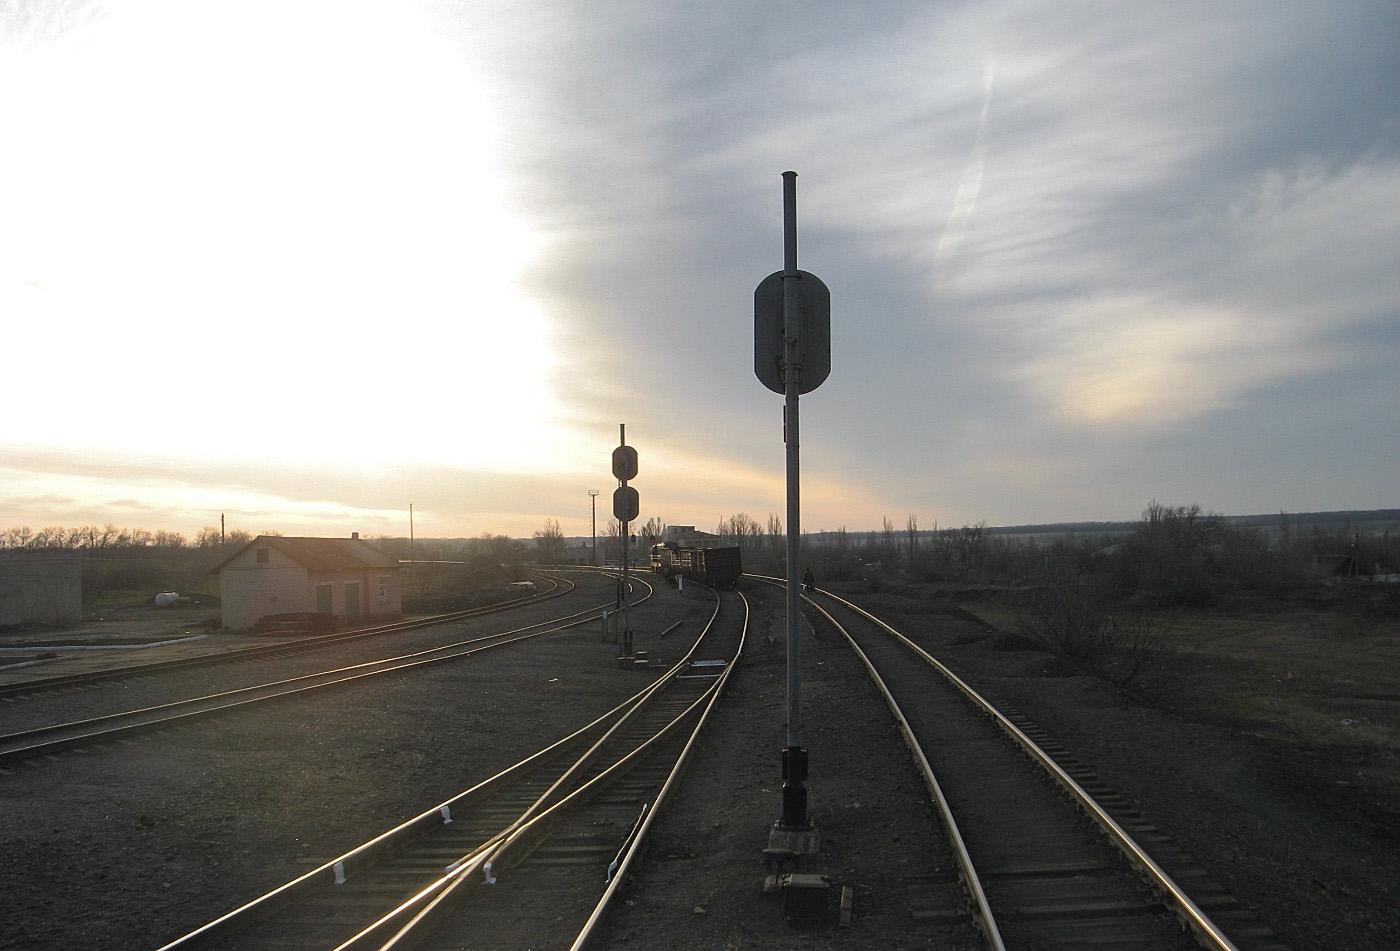 Станція Сільський, лінія Штерівка - Яновський. Луганська область, Антрацитівський район